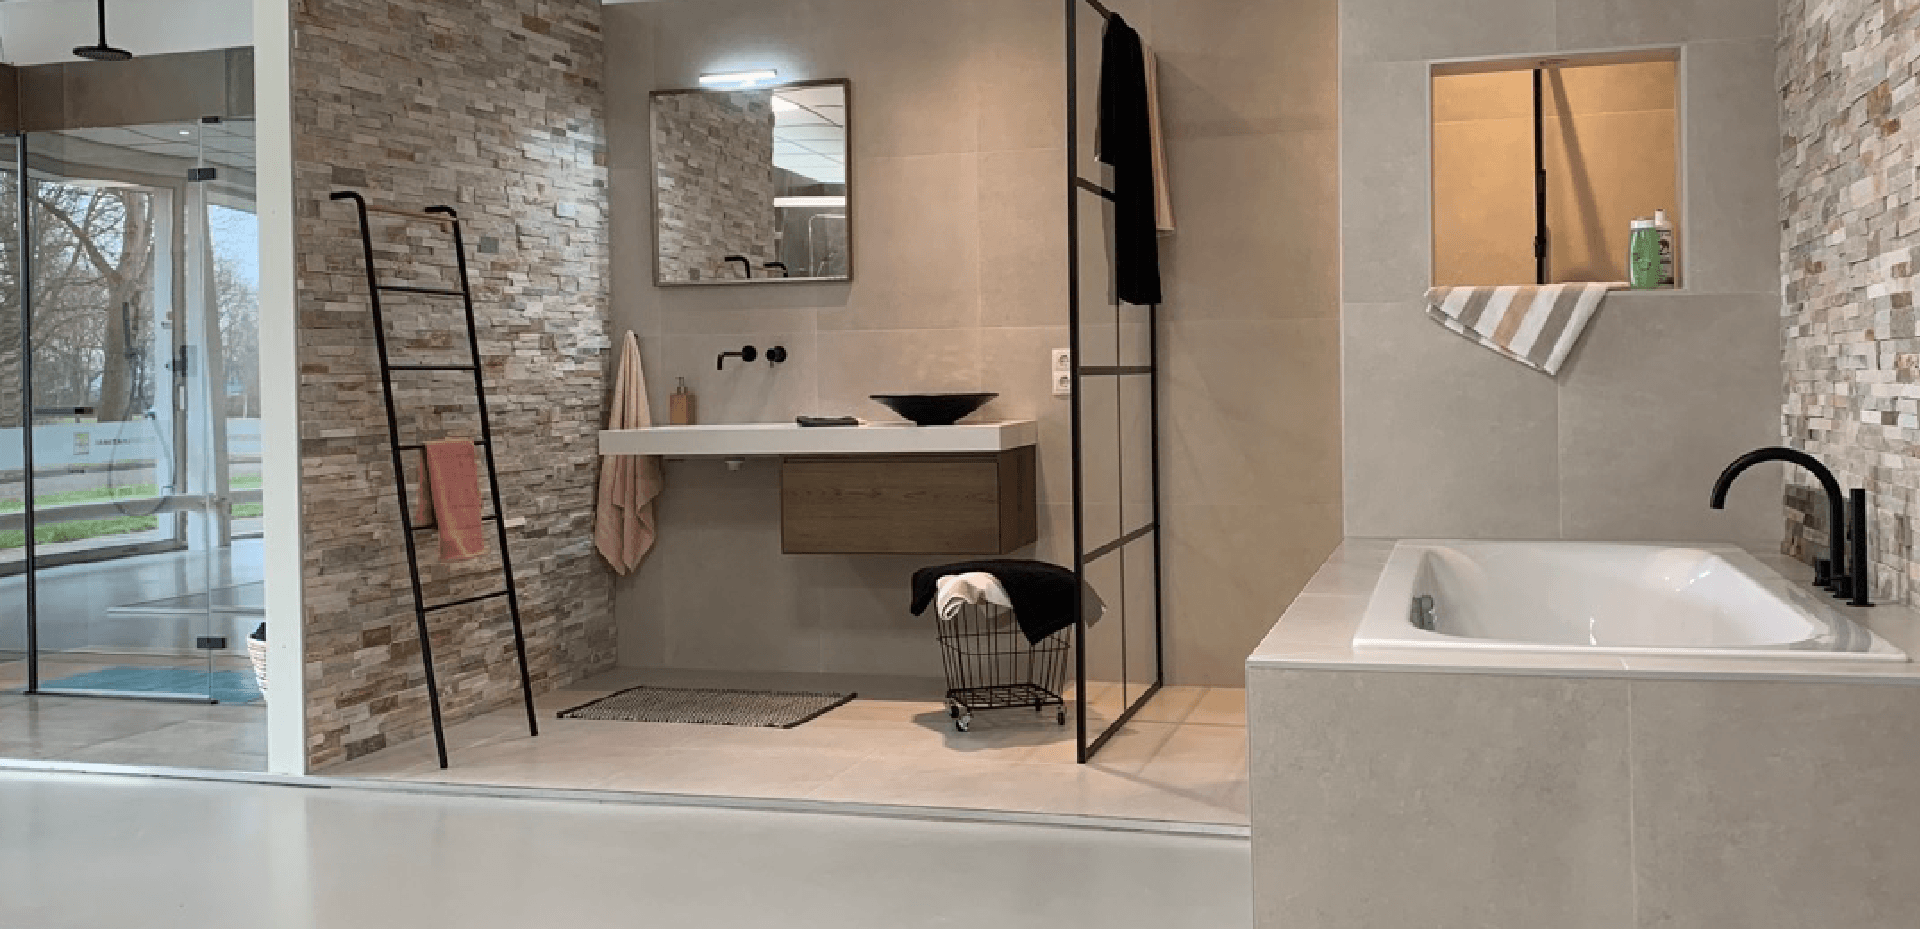 van-den-hazel-beige-beton-badkamer-mijnbad-in-stijl-v2